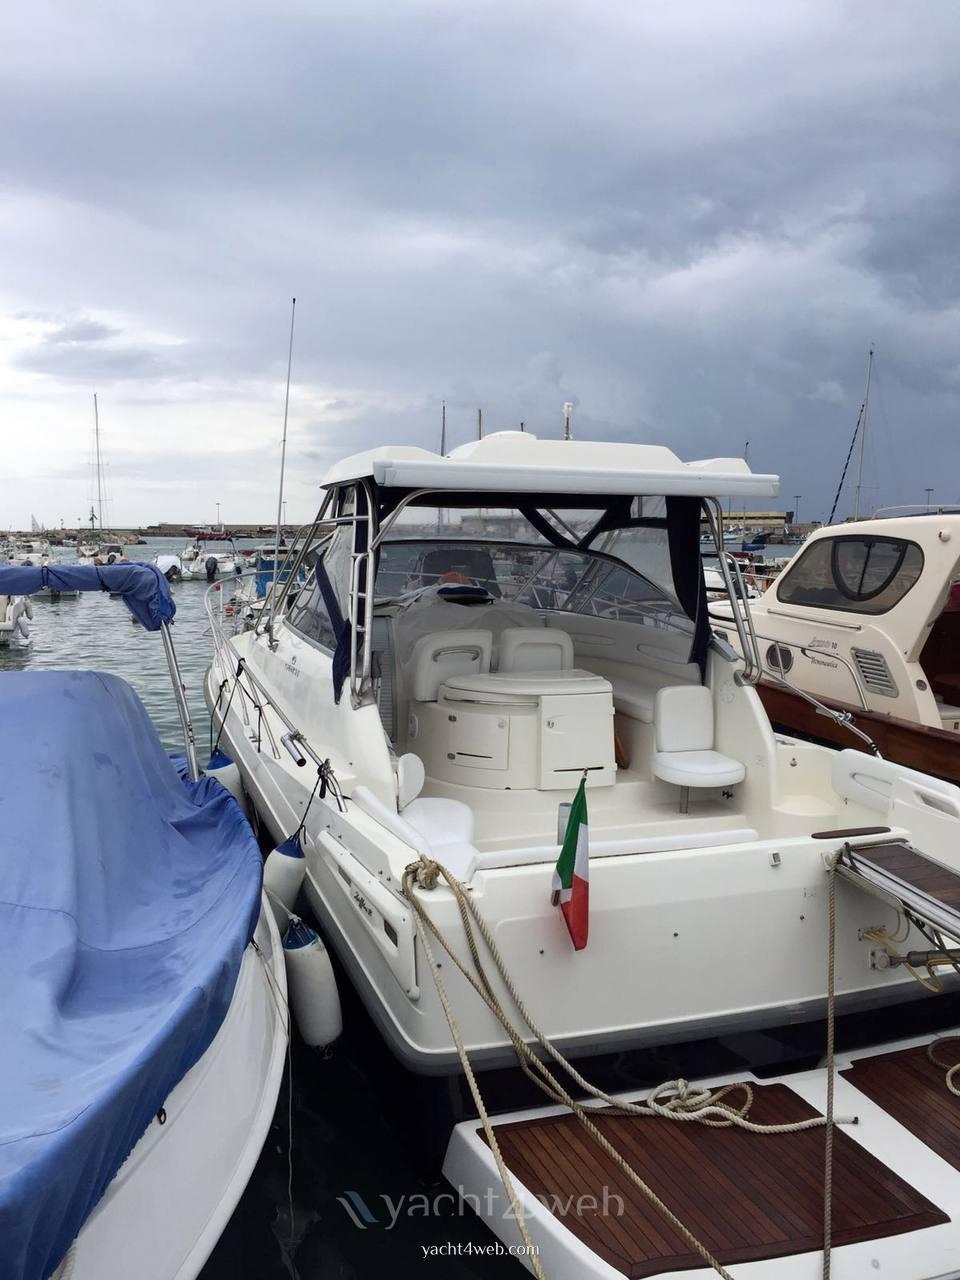 'CRANCHI Zaffiro 32' Day cruiser